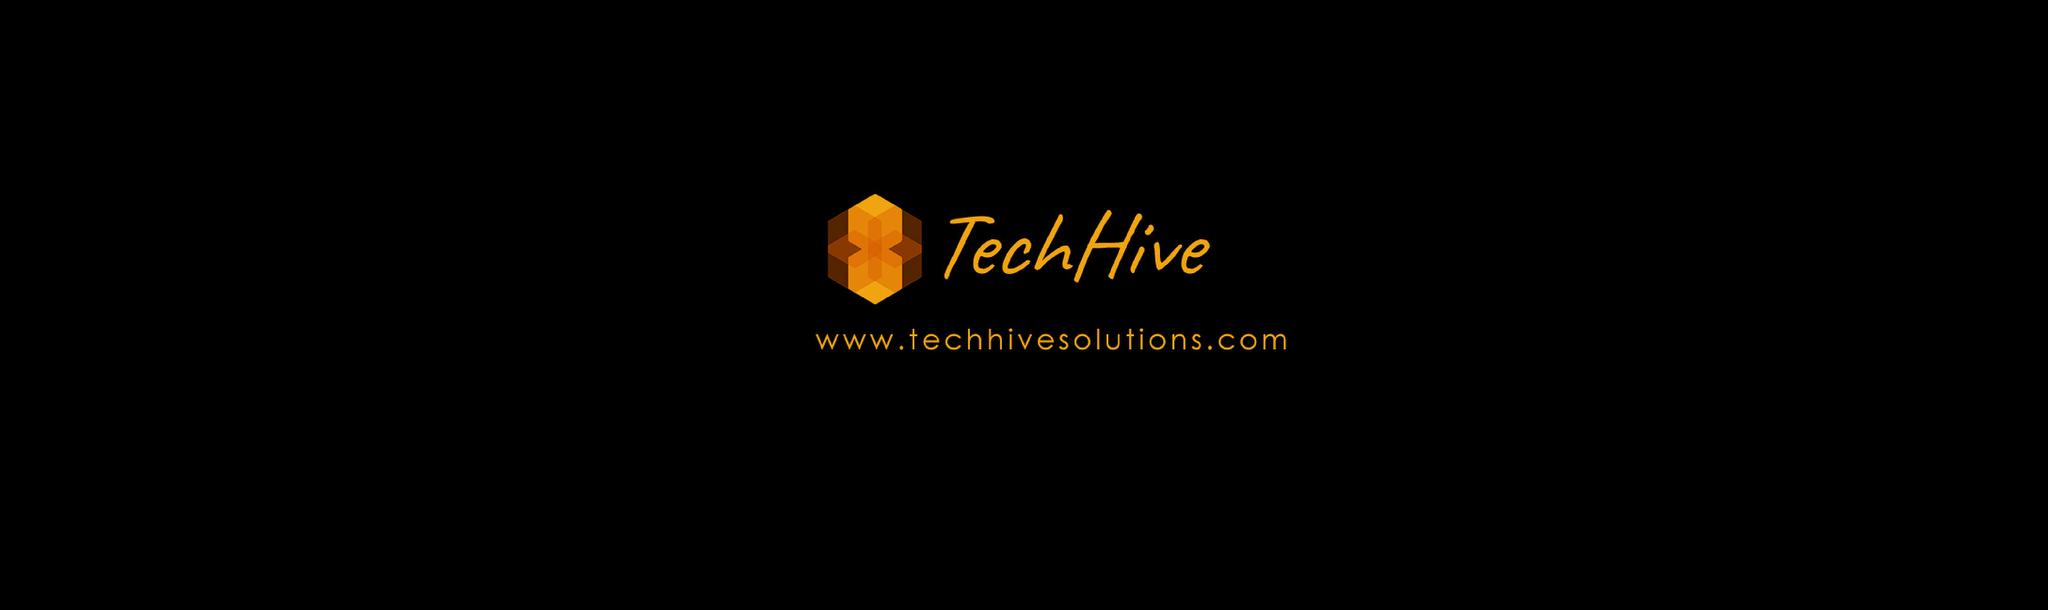 Tech Hive Pvt Ltd